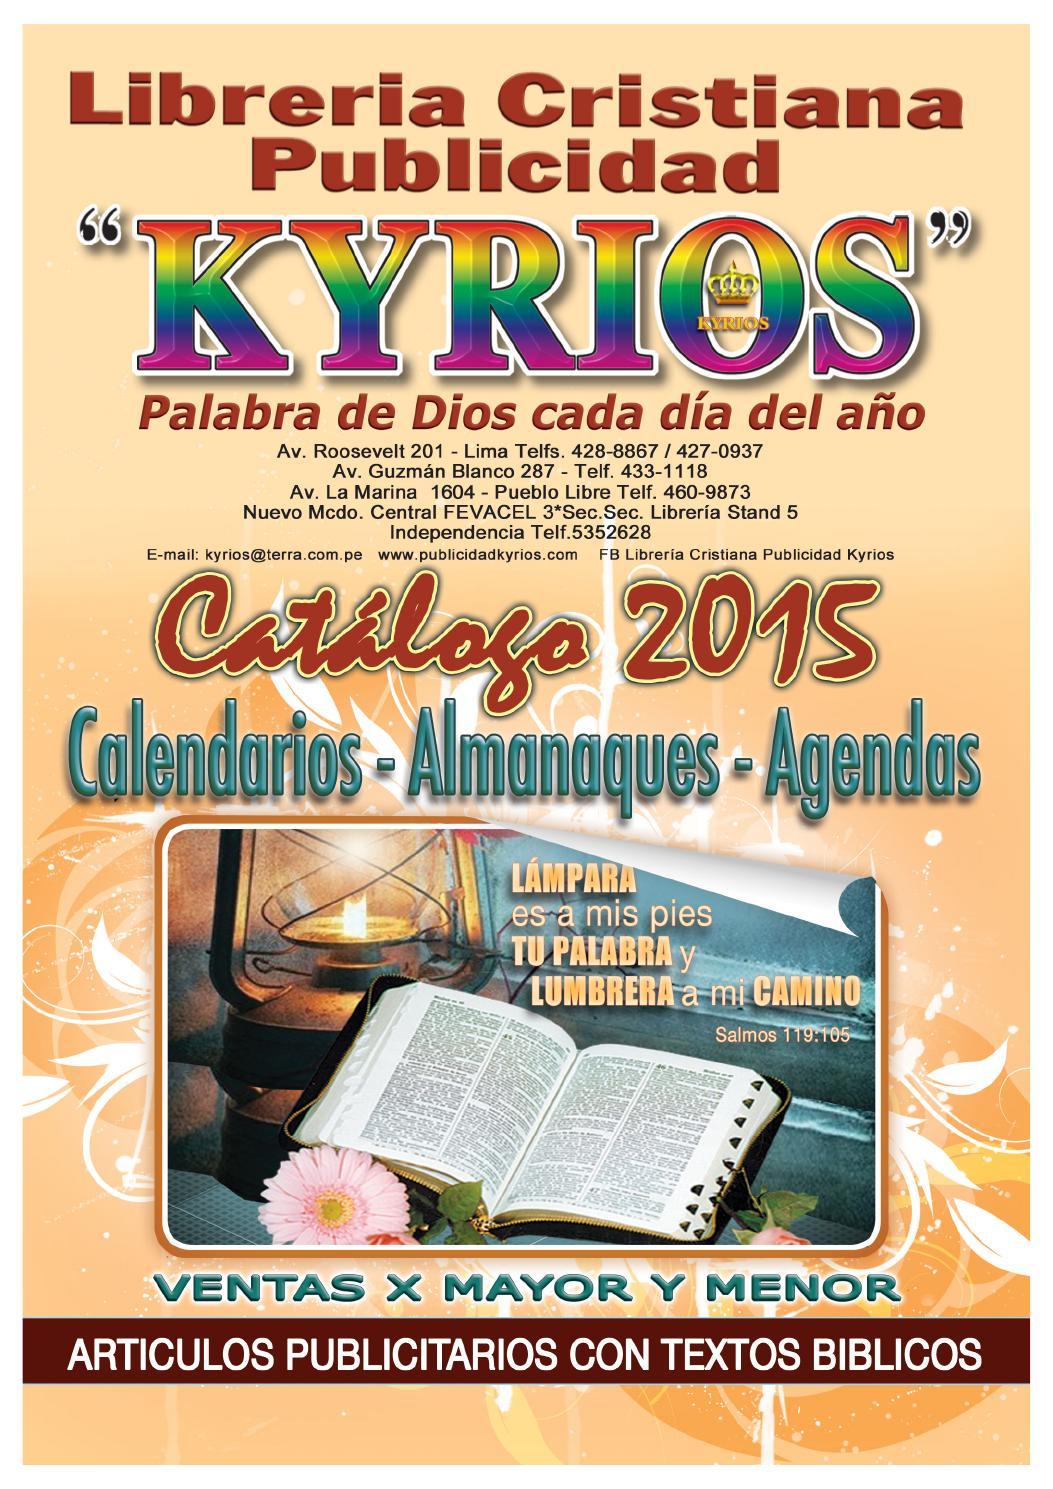 Catalogo 2015 by libreria cristiana publicidad kyrios issuu - Librerias cristiana ...